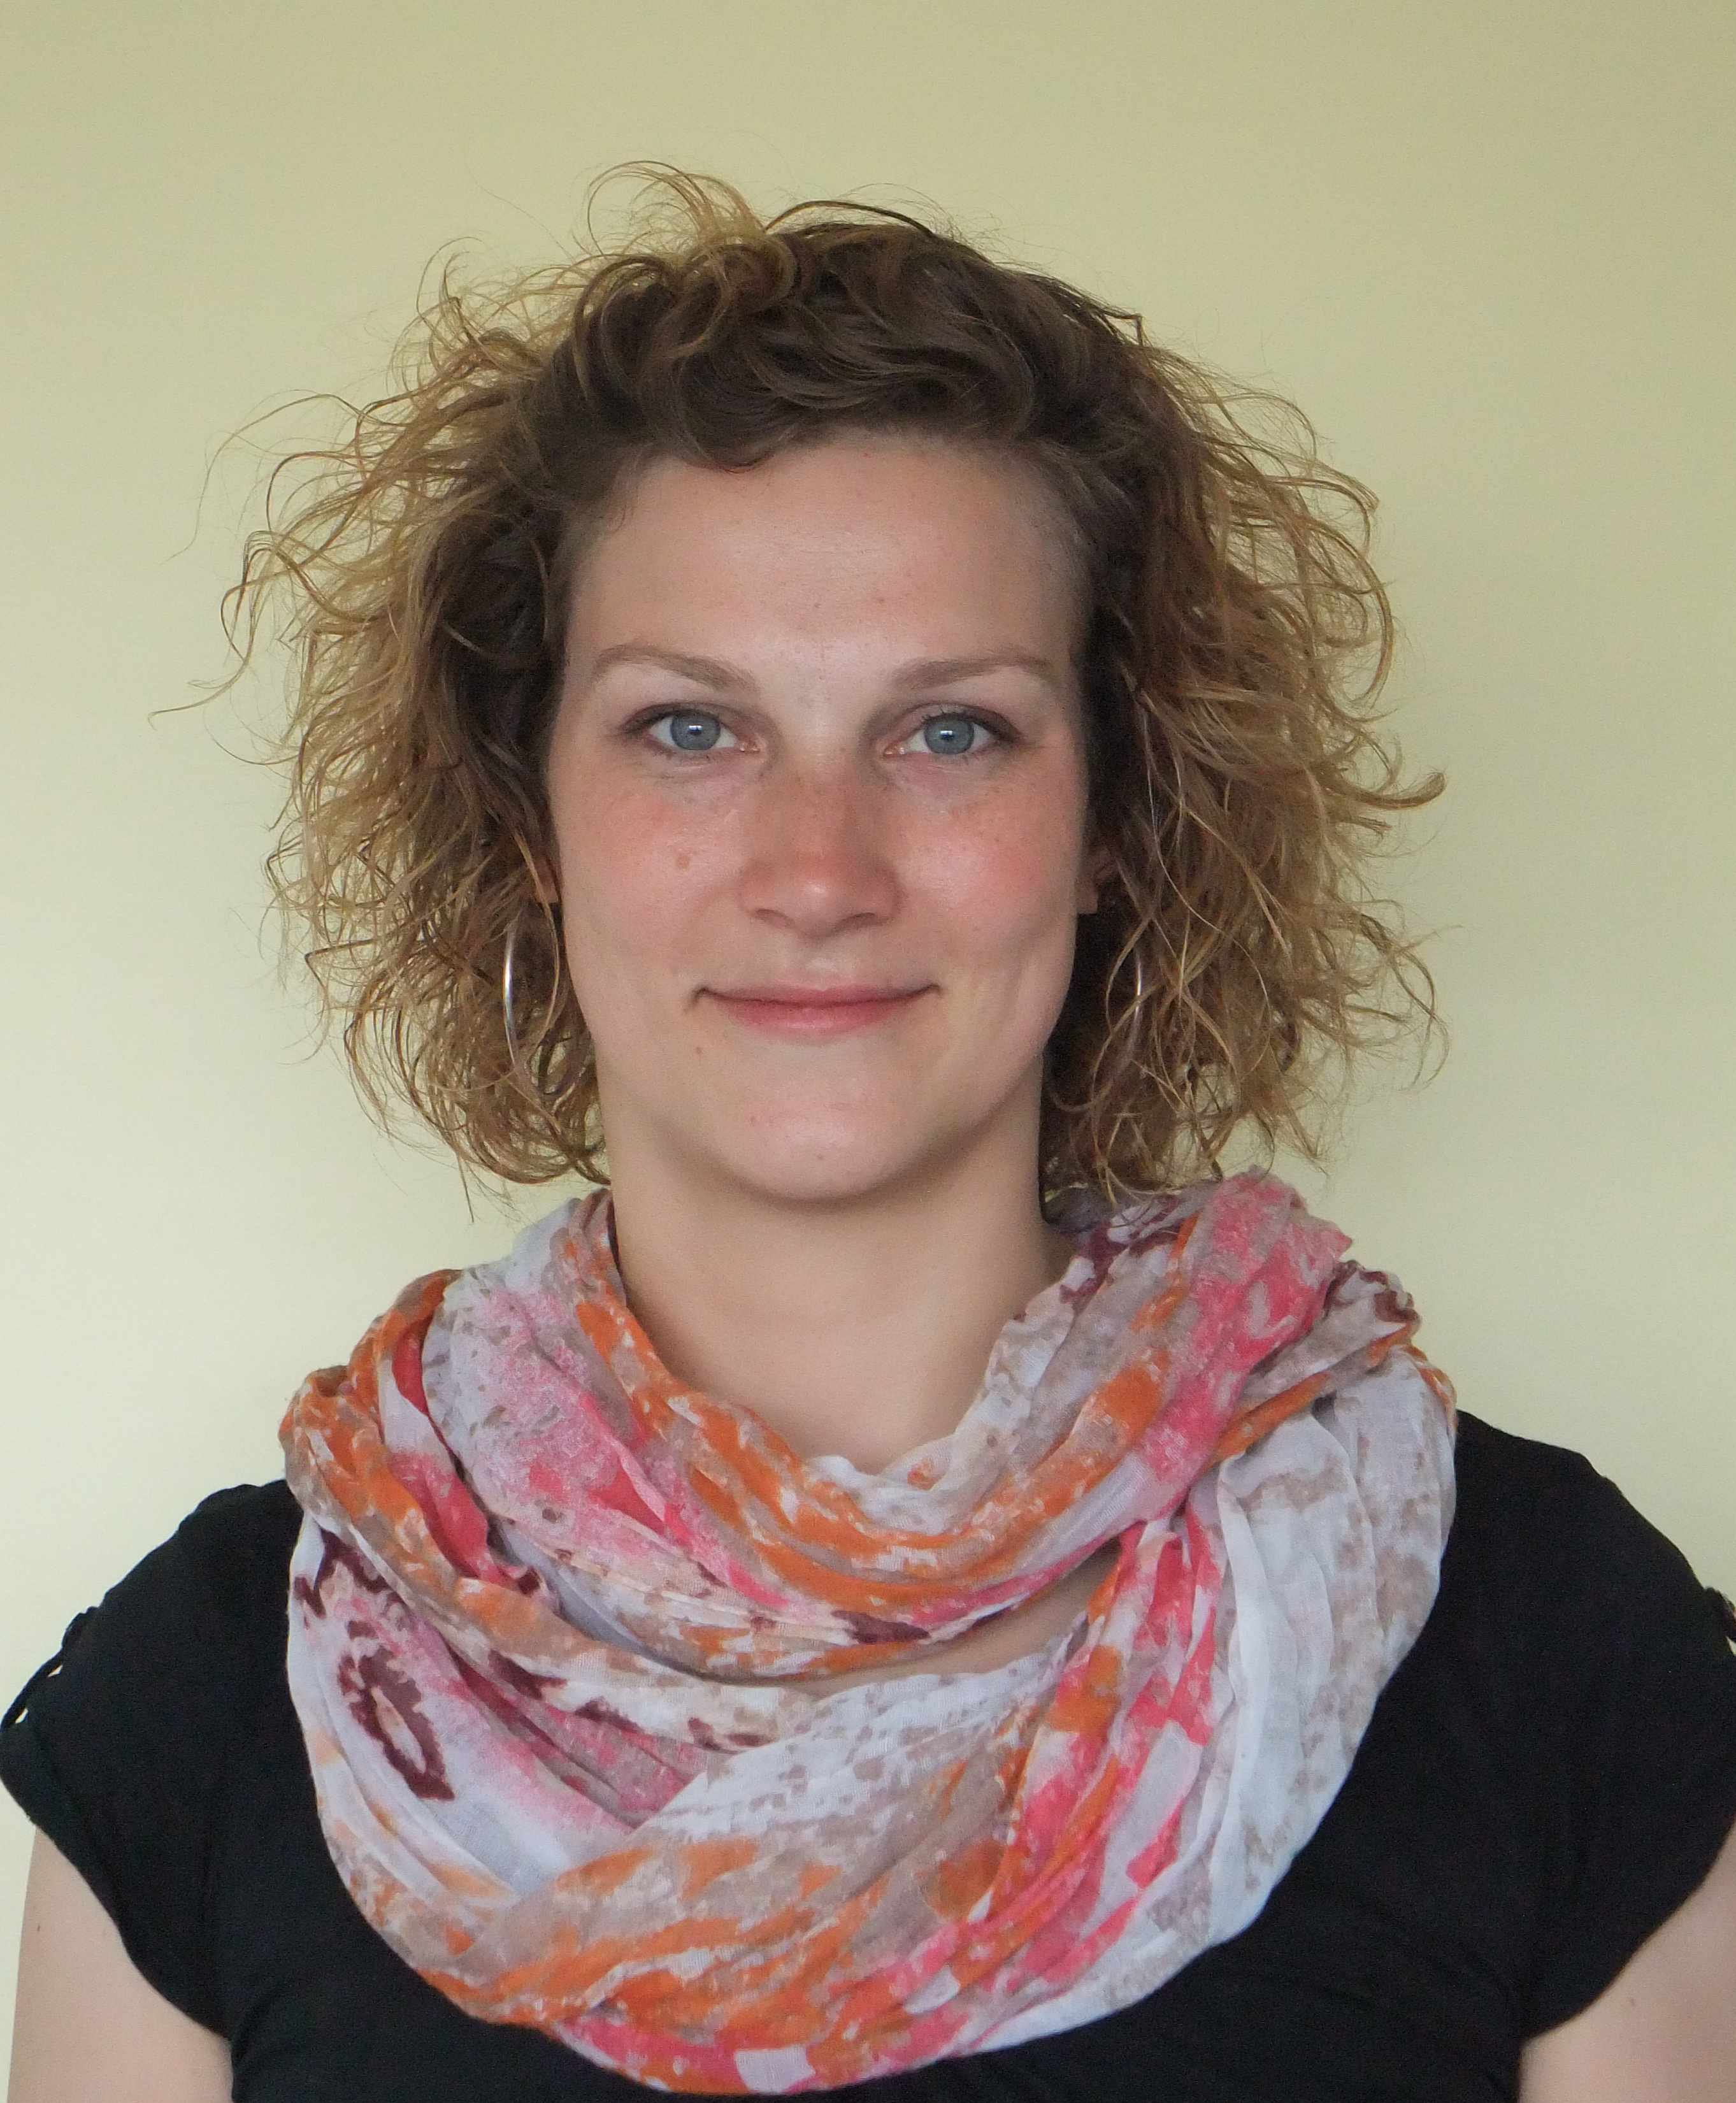 Janett Prehl